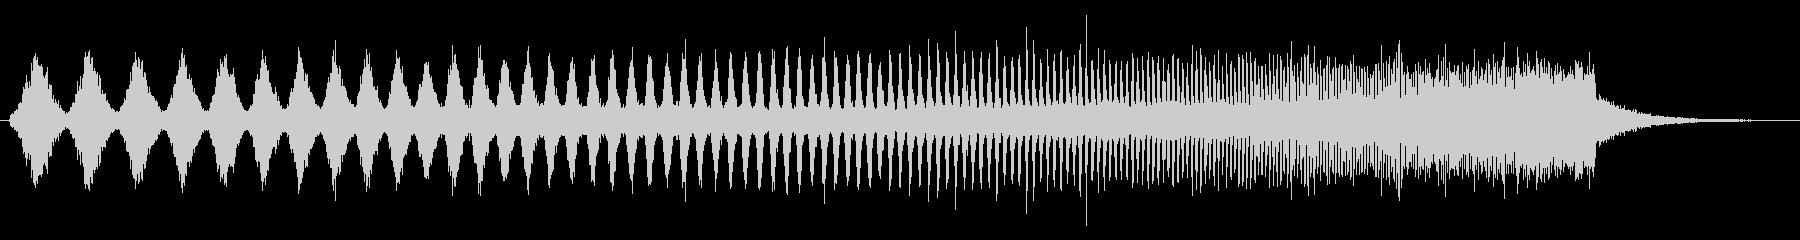 上昇 ダブステップウォブル01の未再生の波形